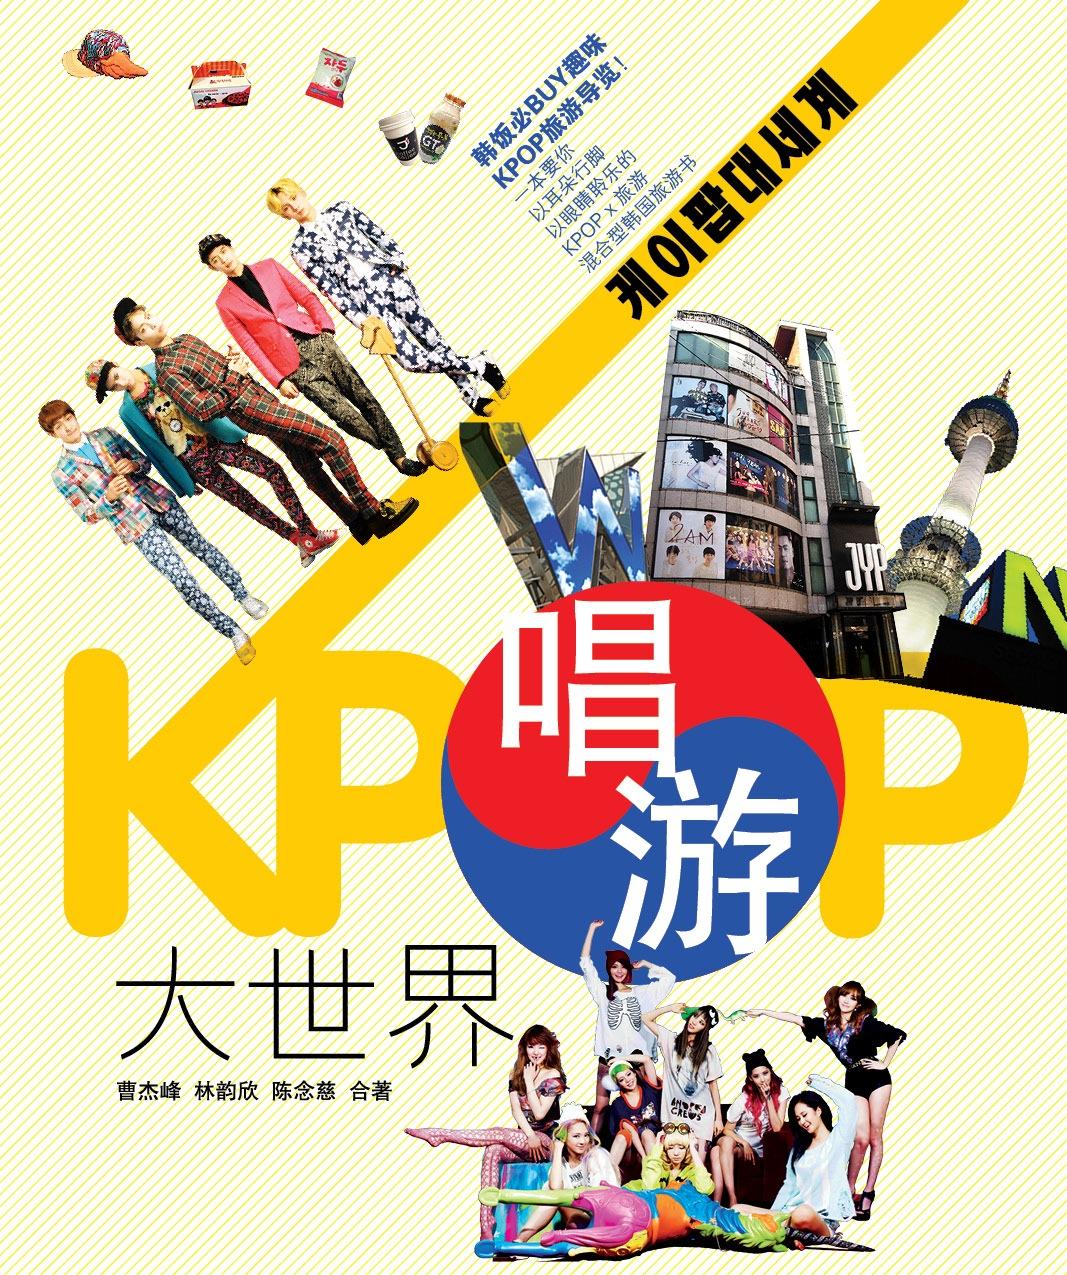 《唱游KPOP大世界》